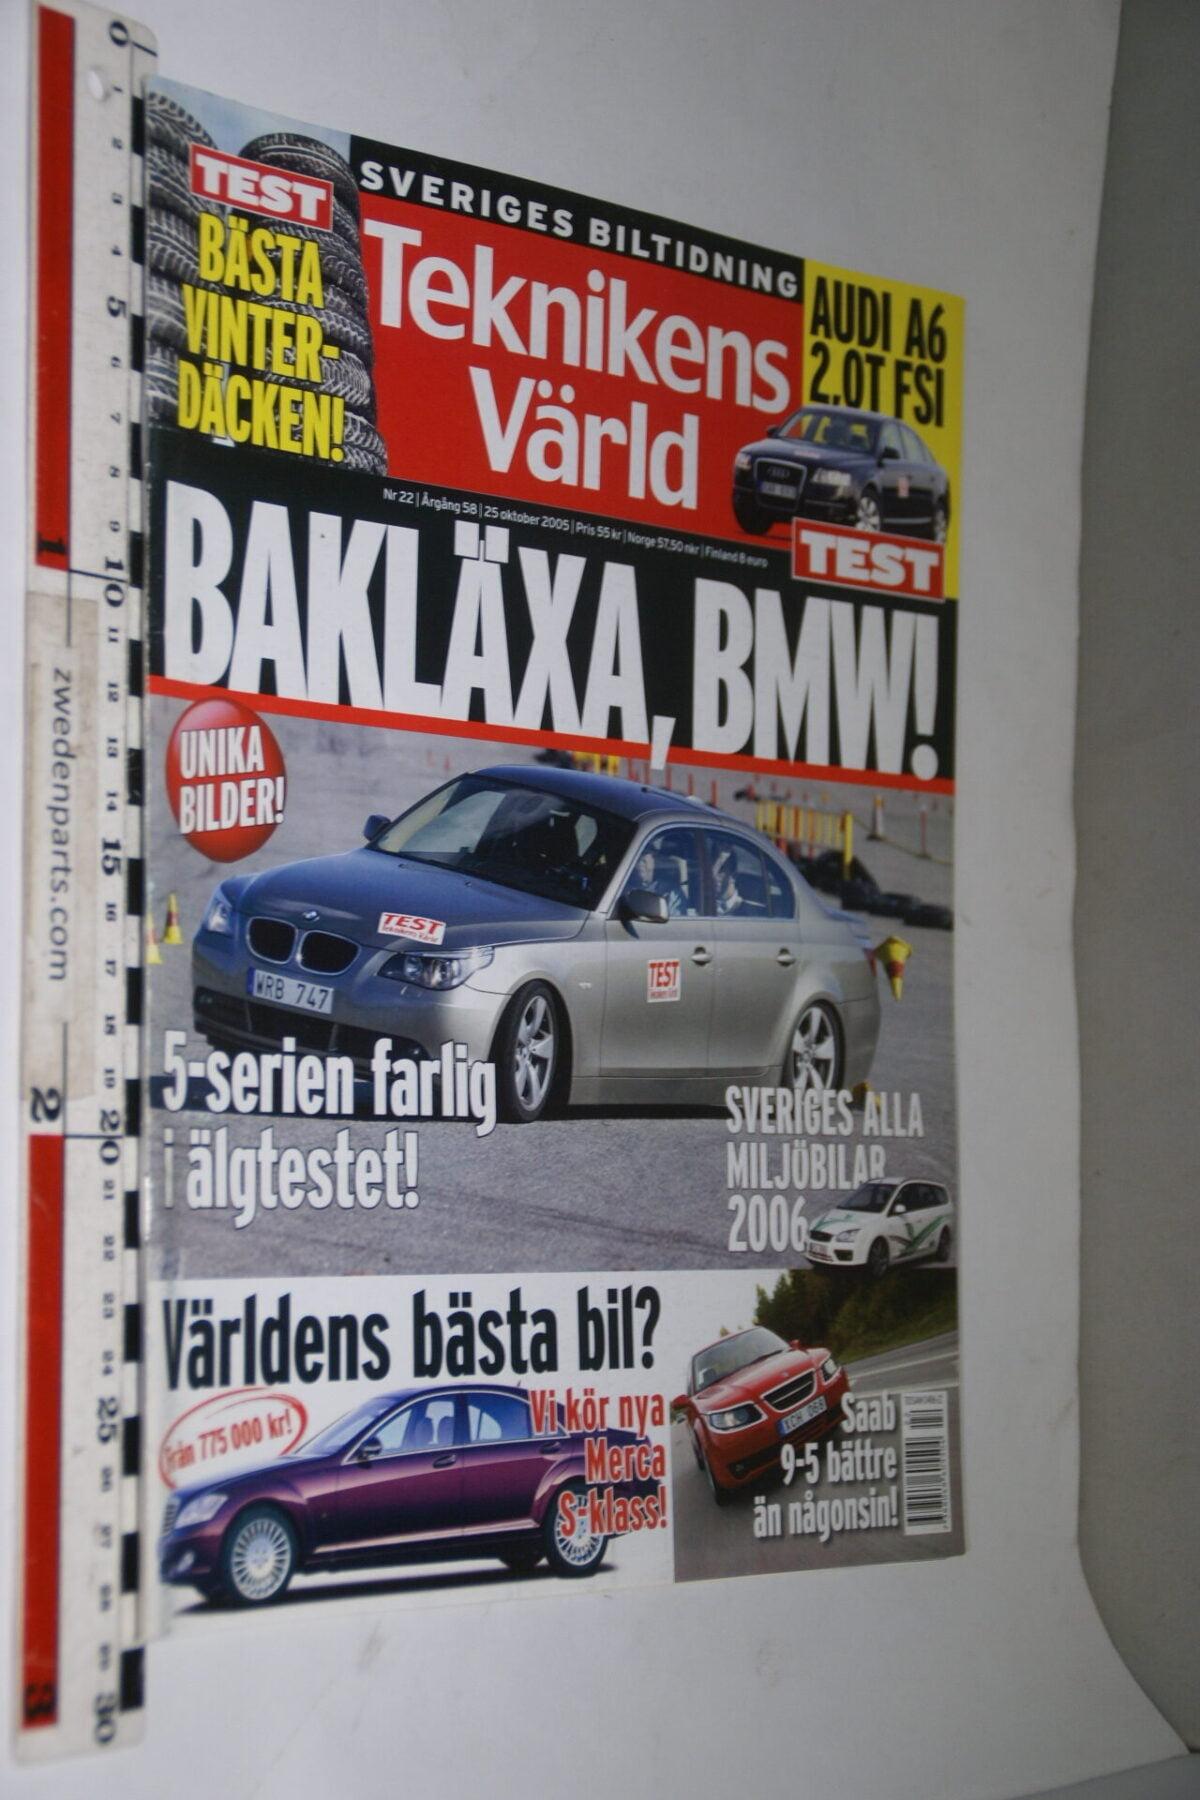 DSC08066 tijdschrift Teknikens Värld 25 oktober 2005, Svenska-18662bc2